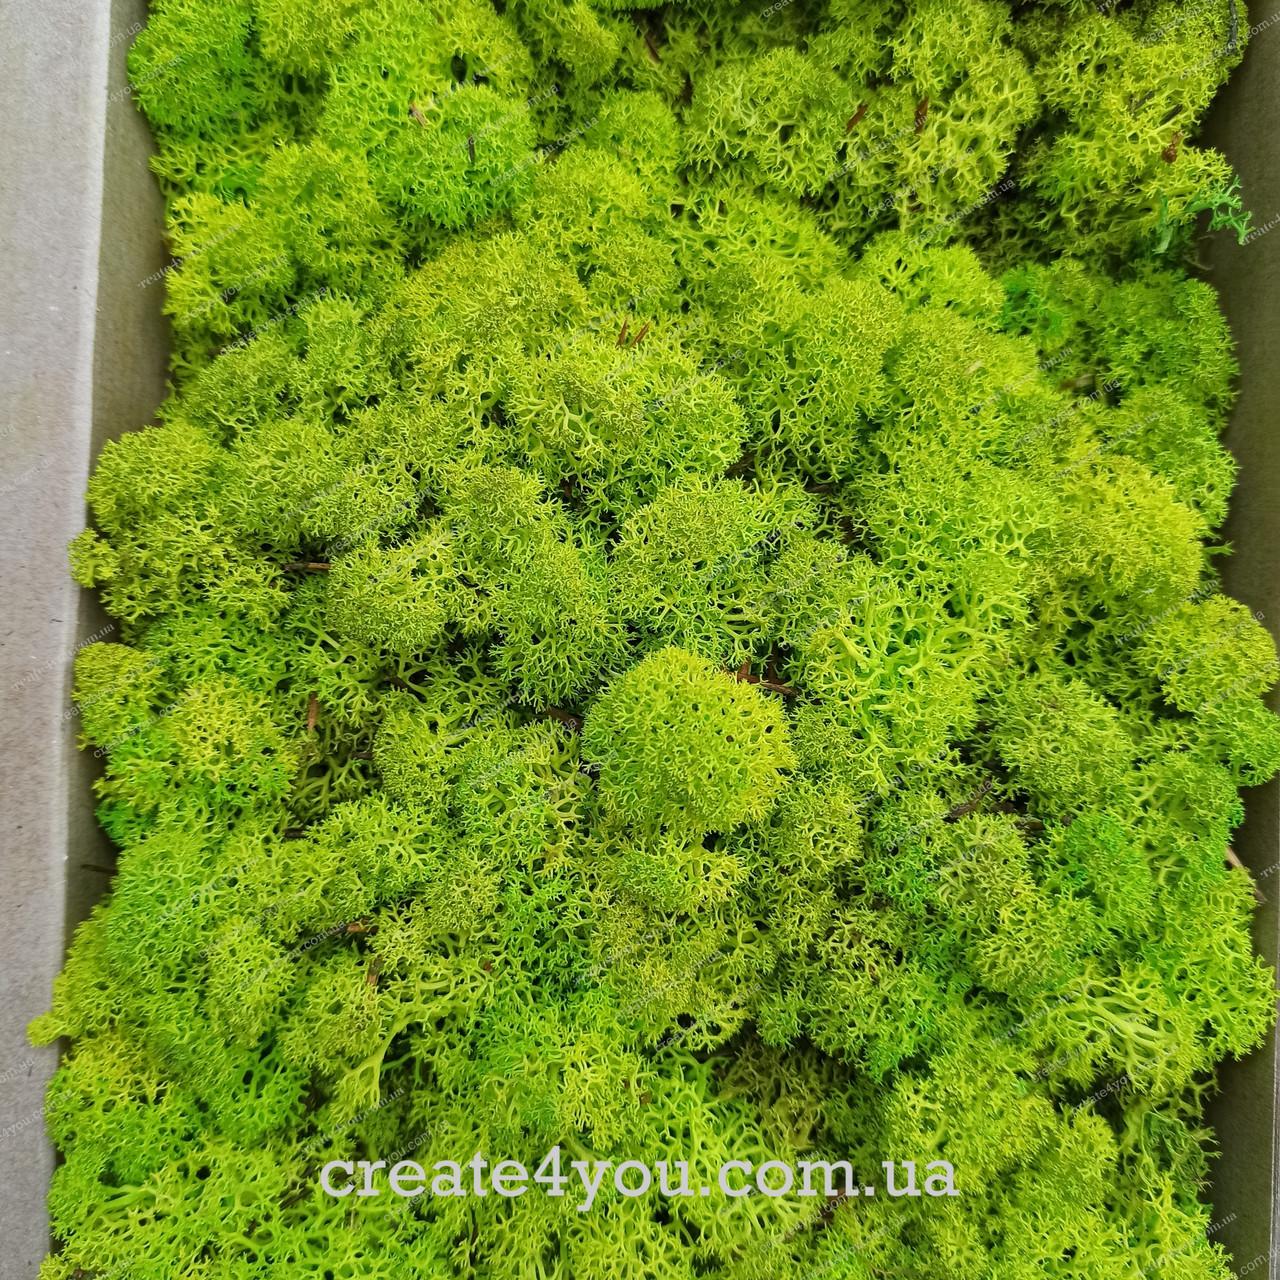 Стабілізований Мох (ягель) світло-зелений 1 кг